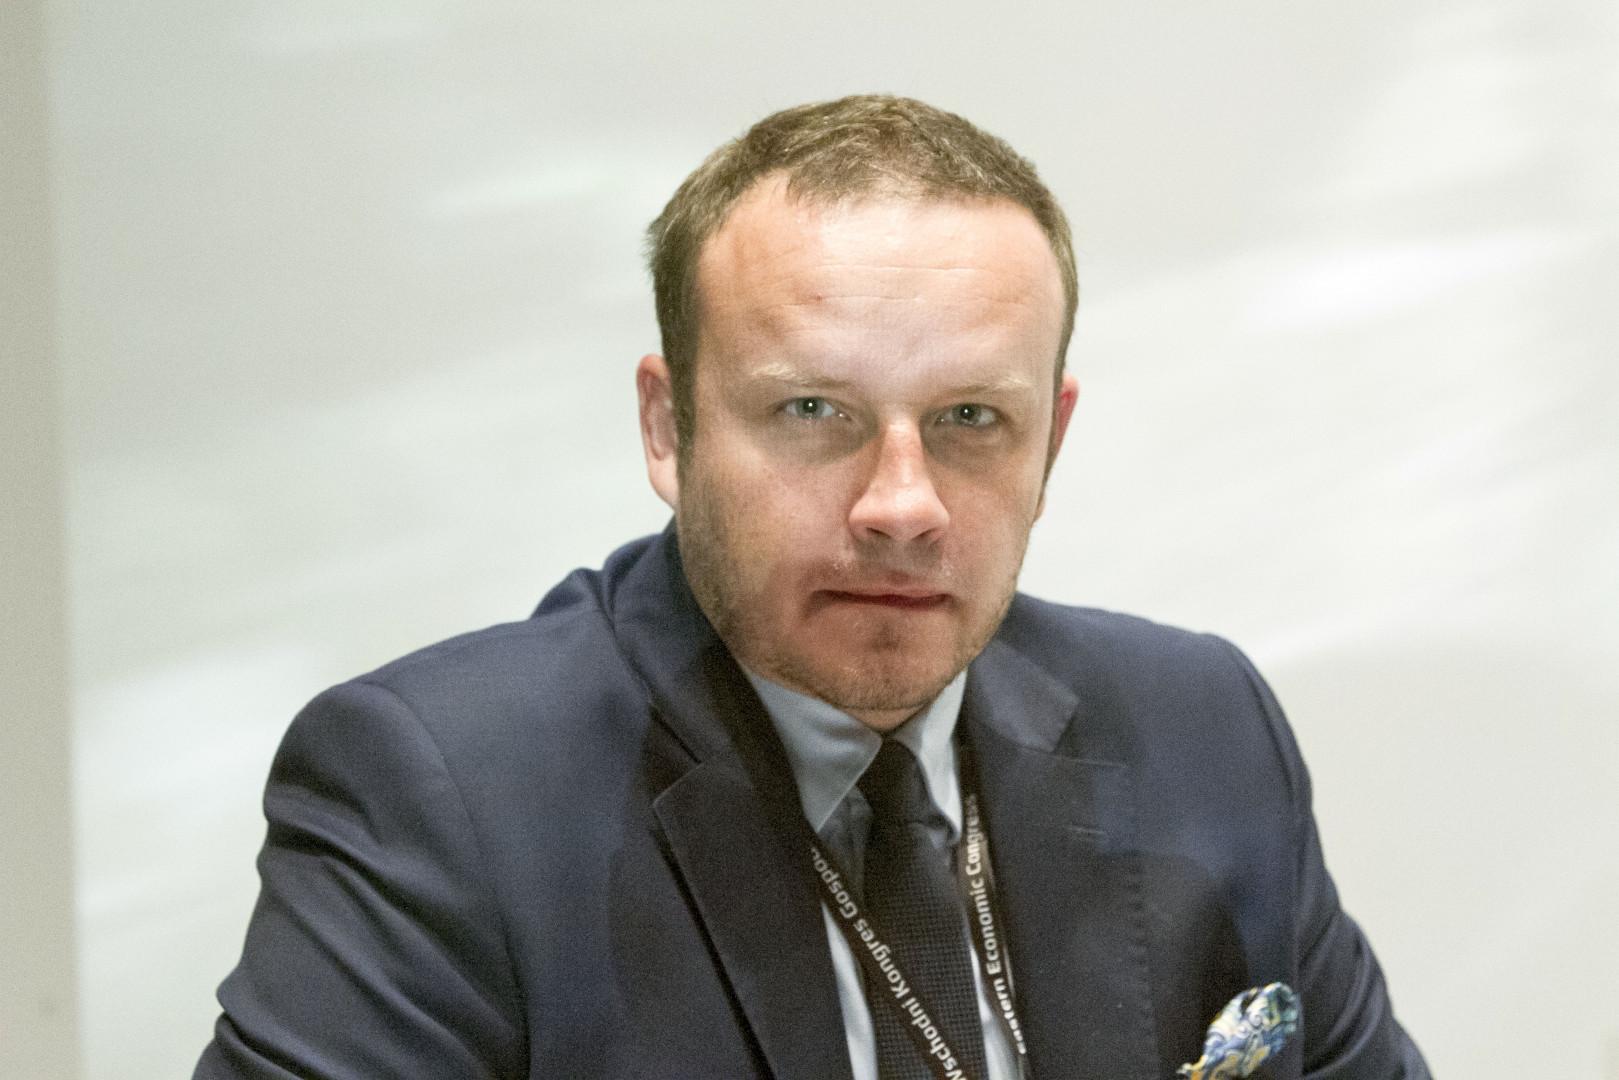 Ciekawą debatę poprowadził Rafał Kerger, redaktor naczelny PortalSamorzadowy.pl i WNP.PL